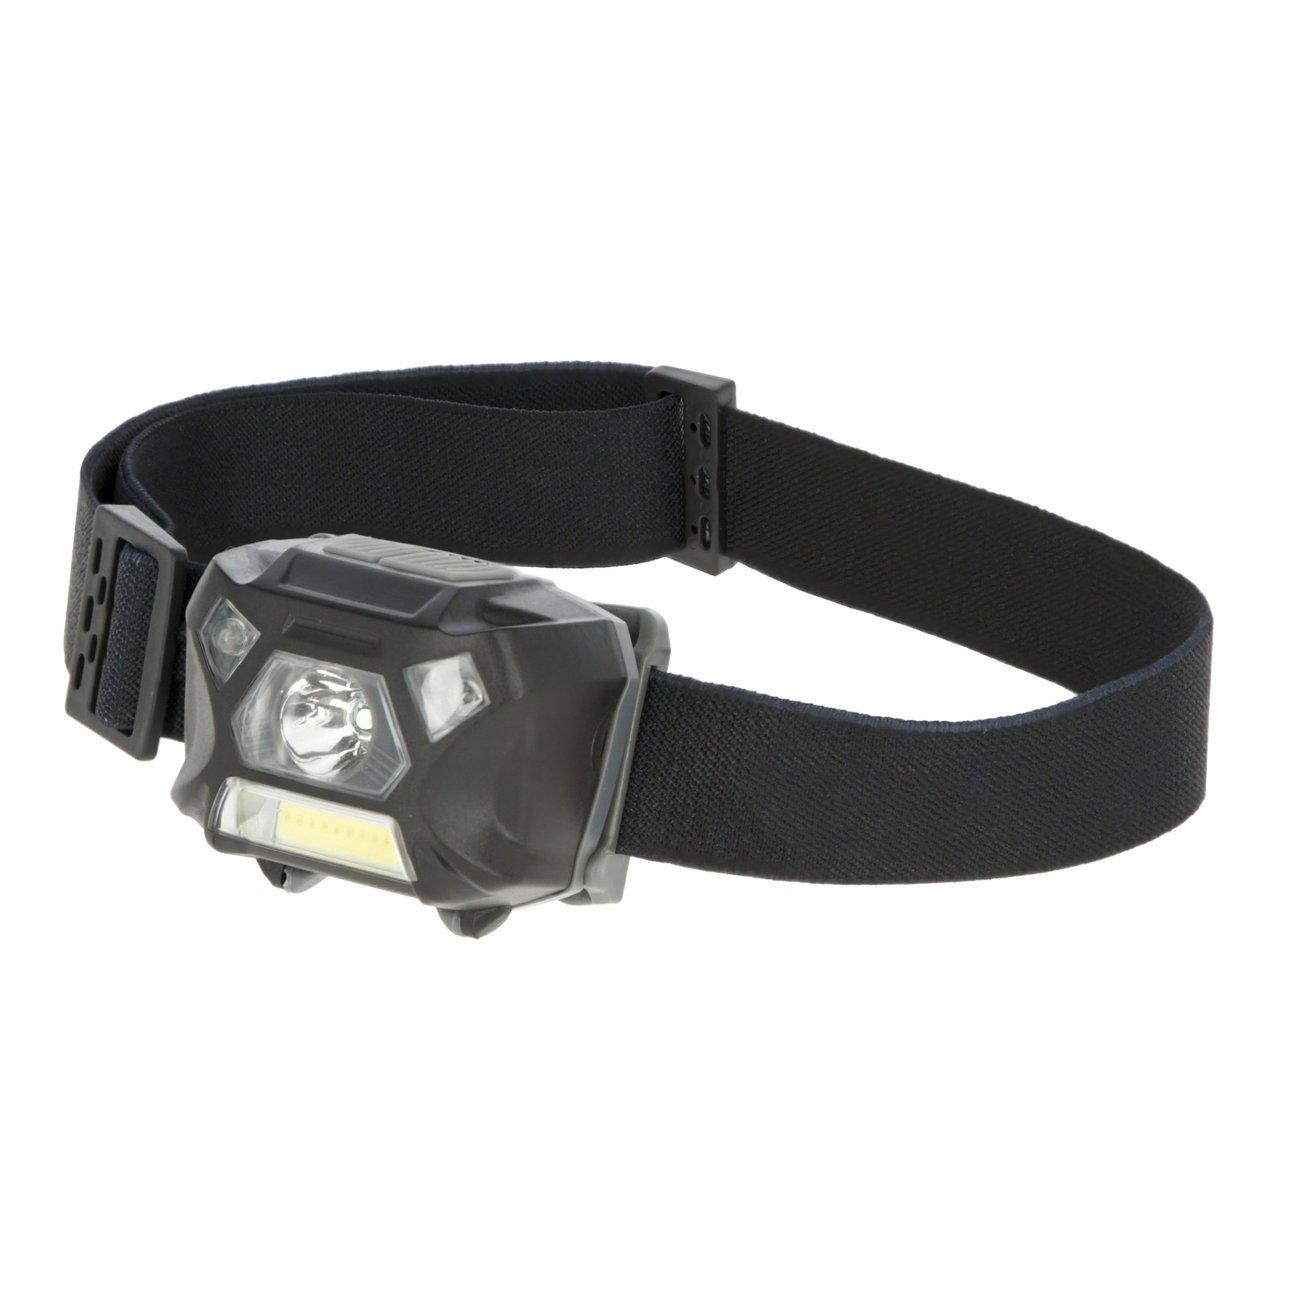 Kerbl Covalliero Stiefellampe LED mit Befestigungsriemen, LED Lampe (3W)